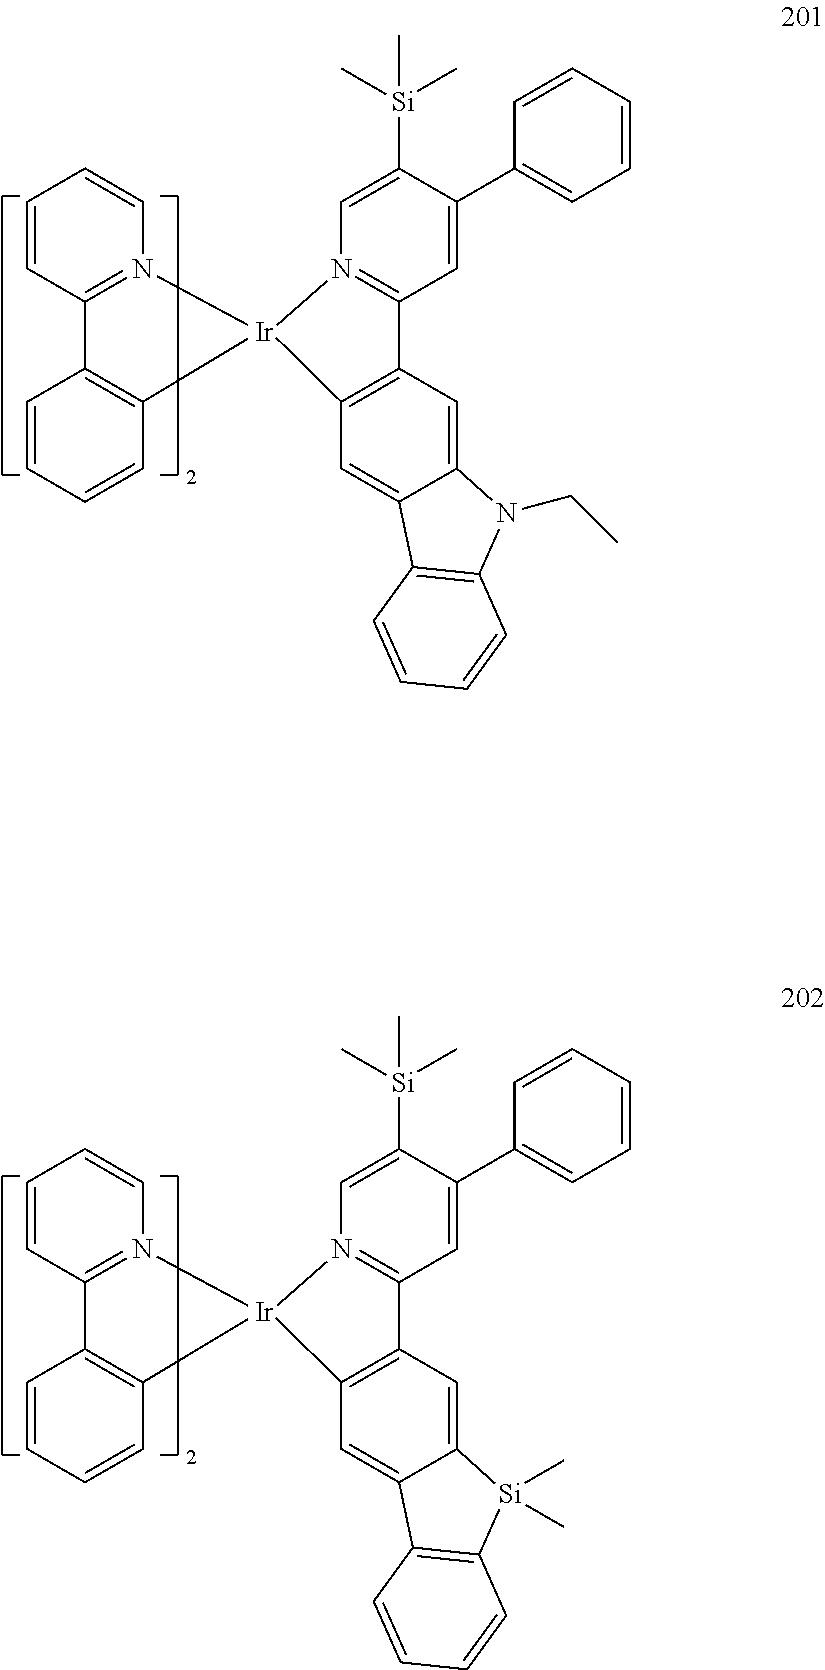 Figure US20160155962A1-20160602-C00121